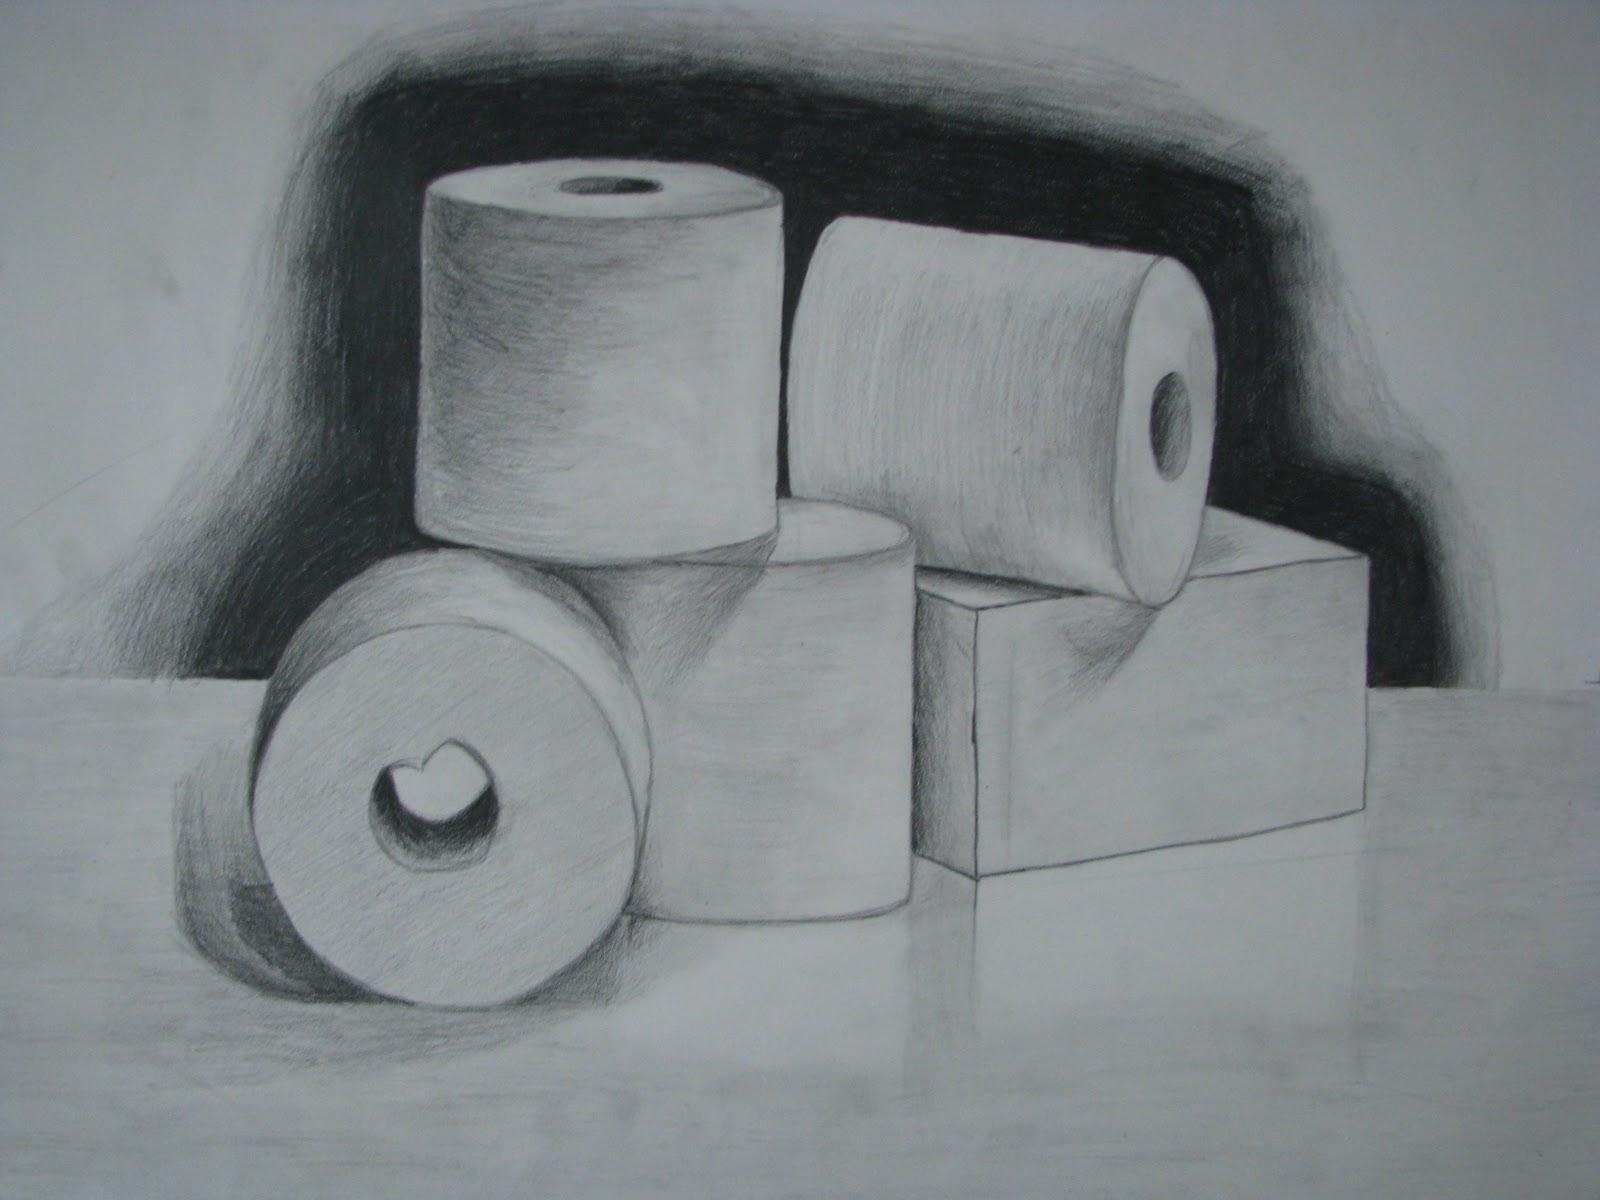 My Art: Sketch of Toilet Paper Rolls